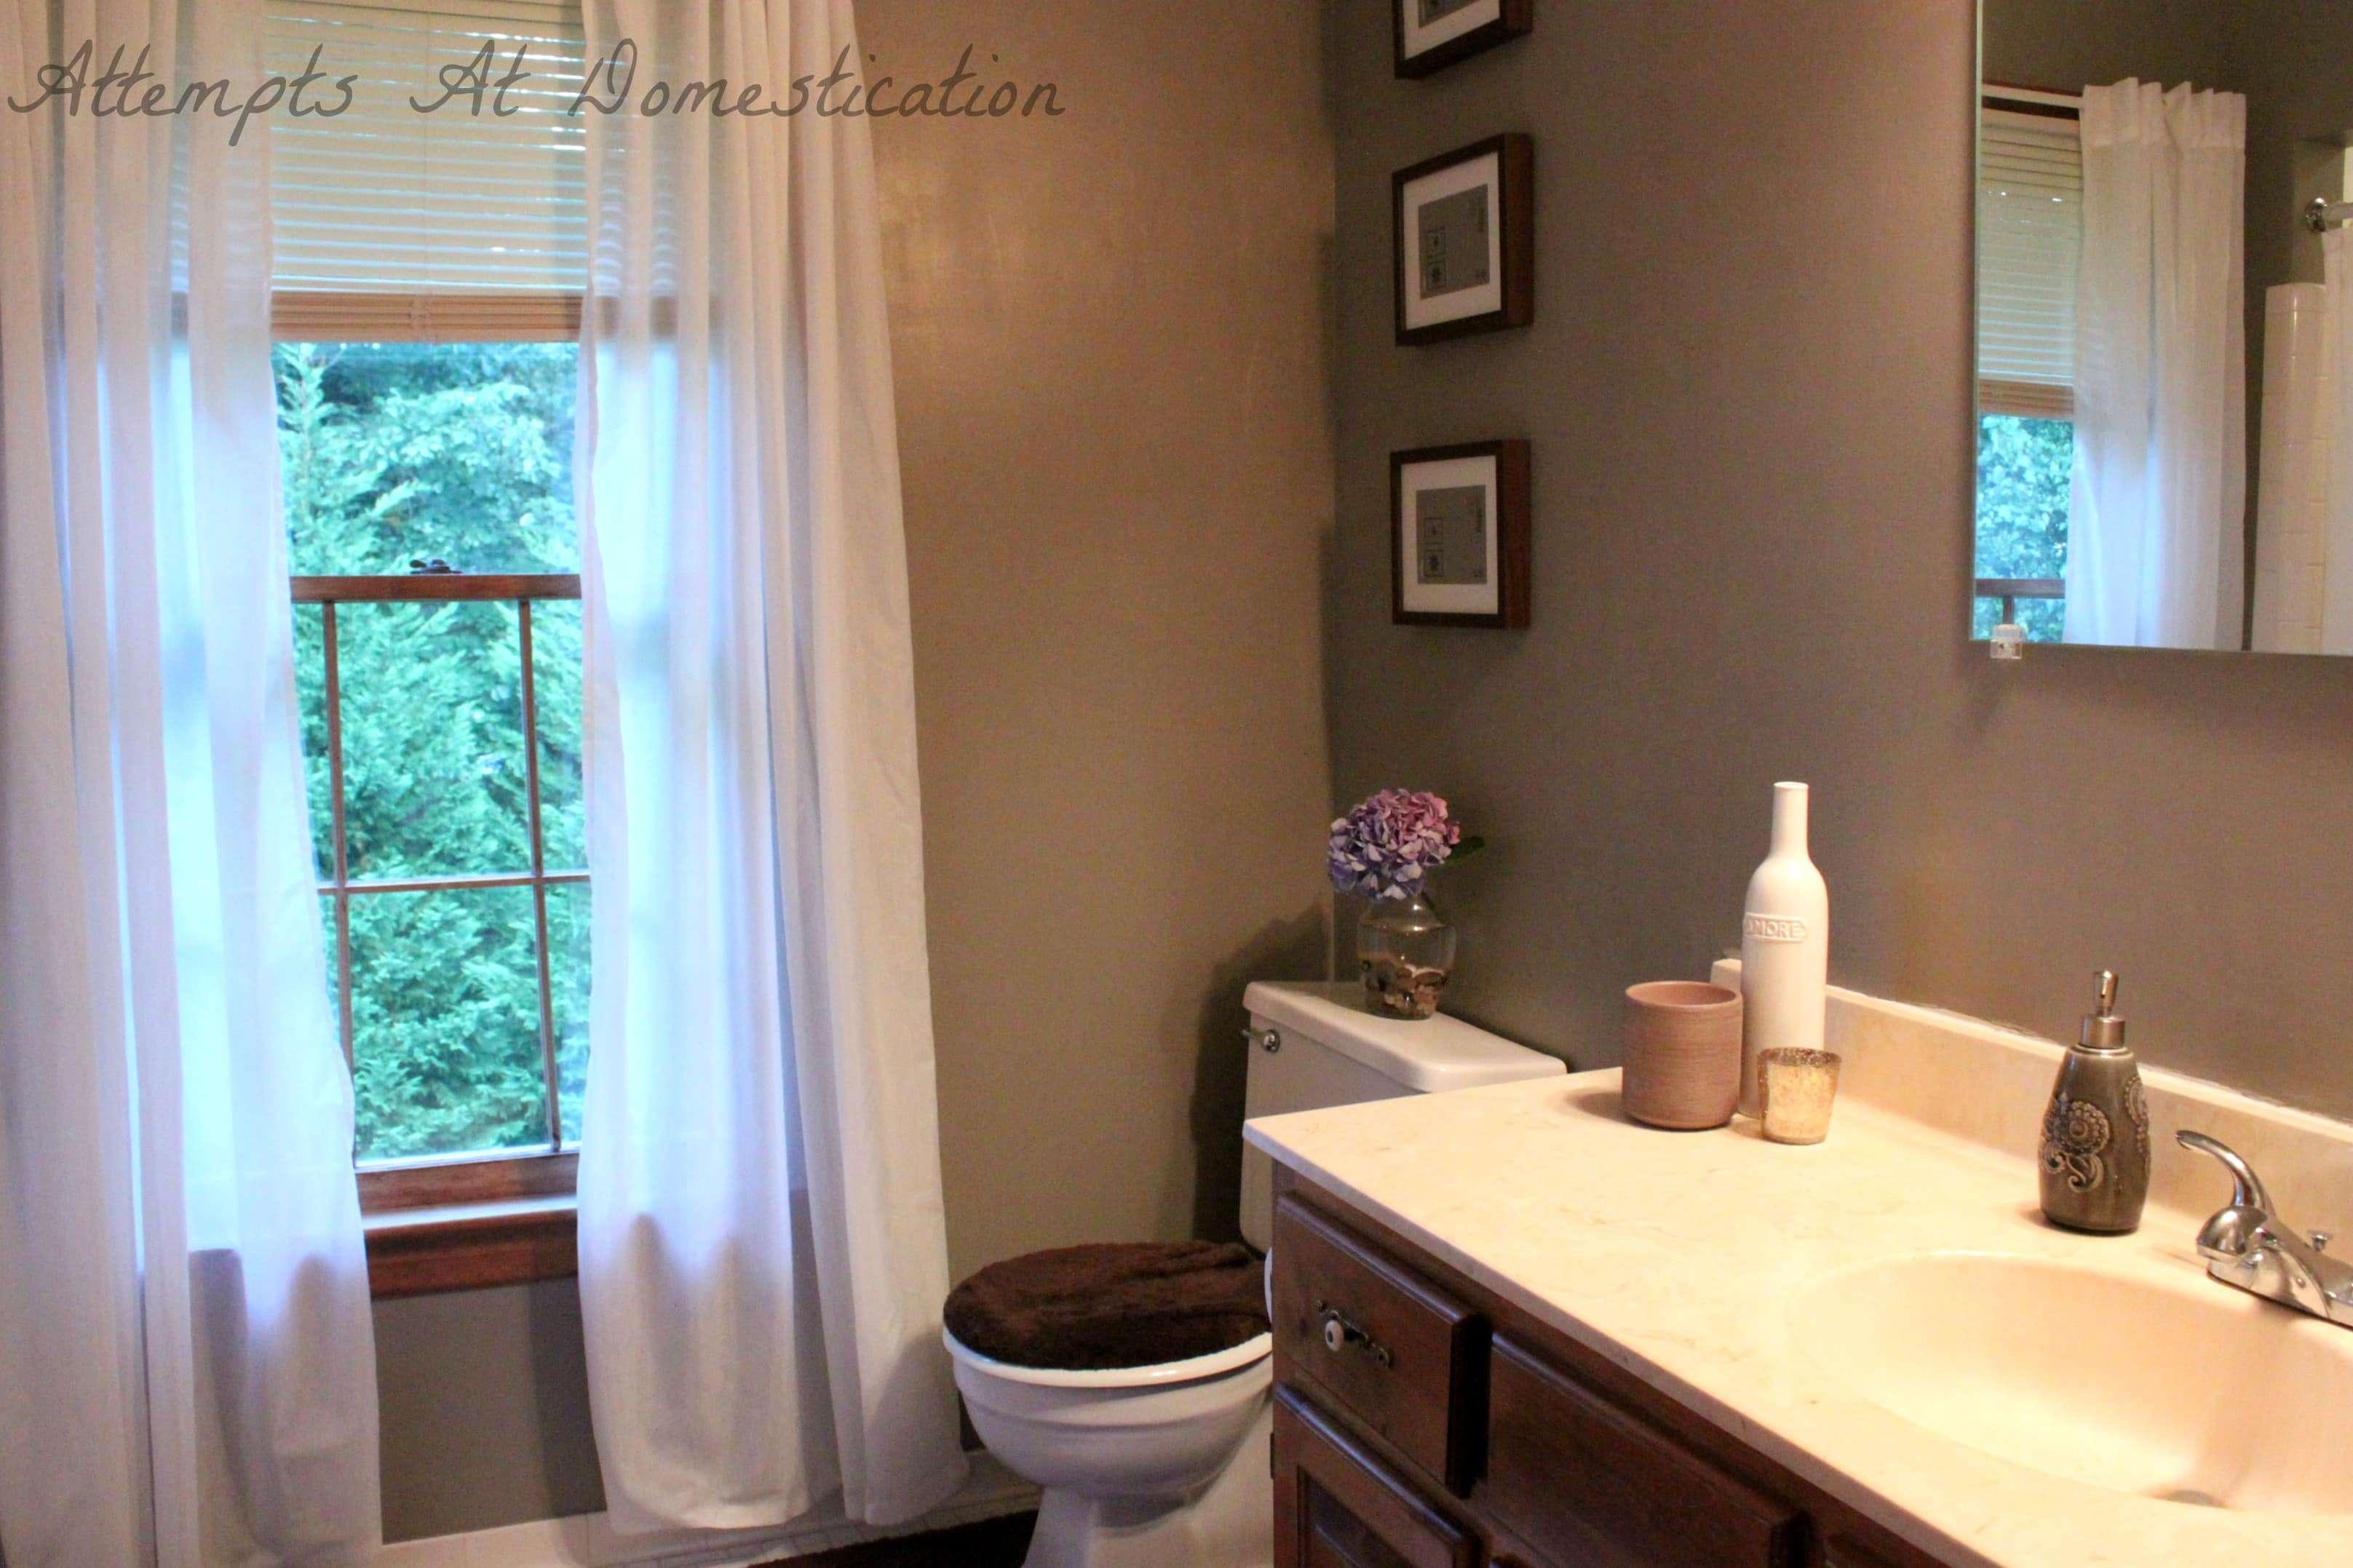 bathroom progress. bathroom progress   Attempts at Domestication